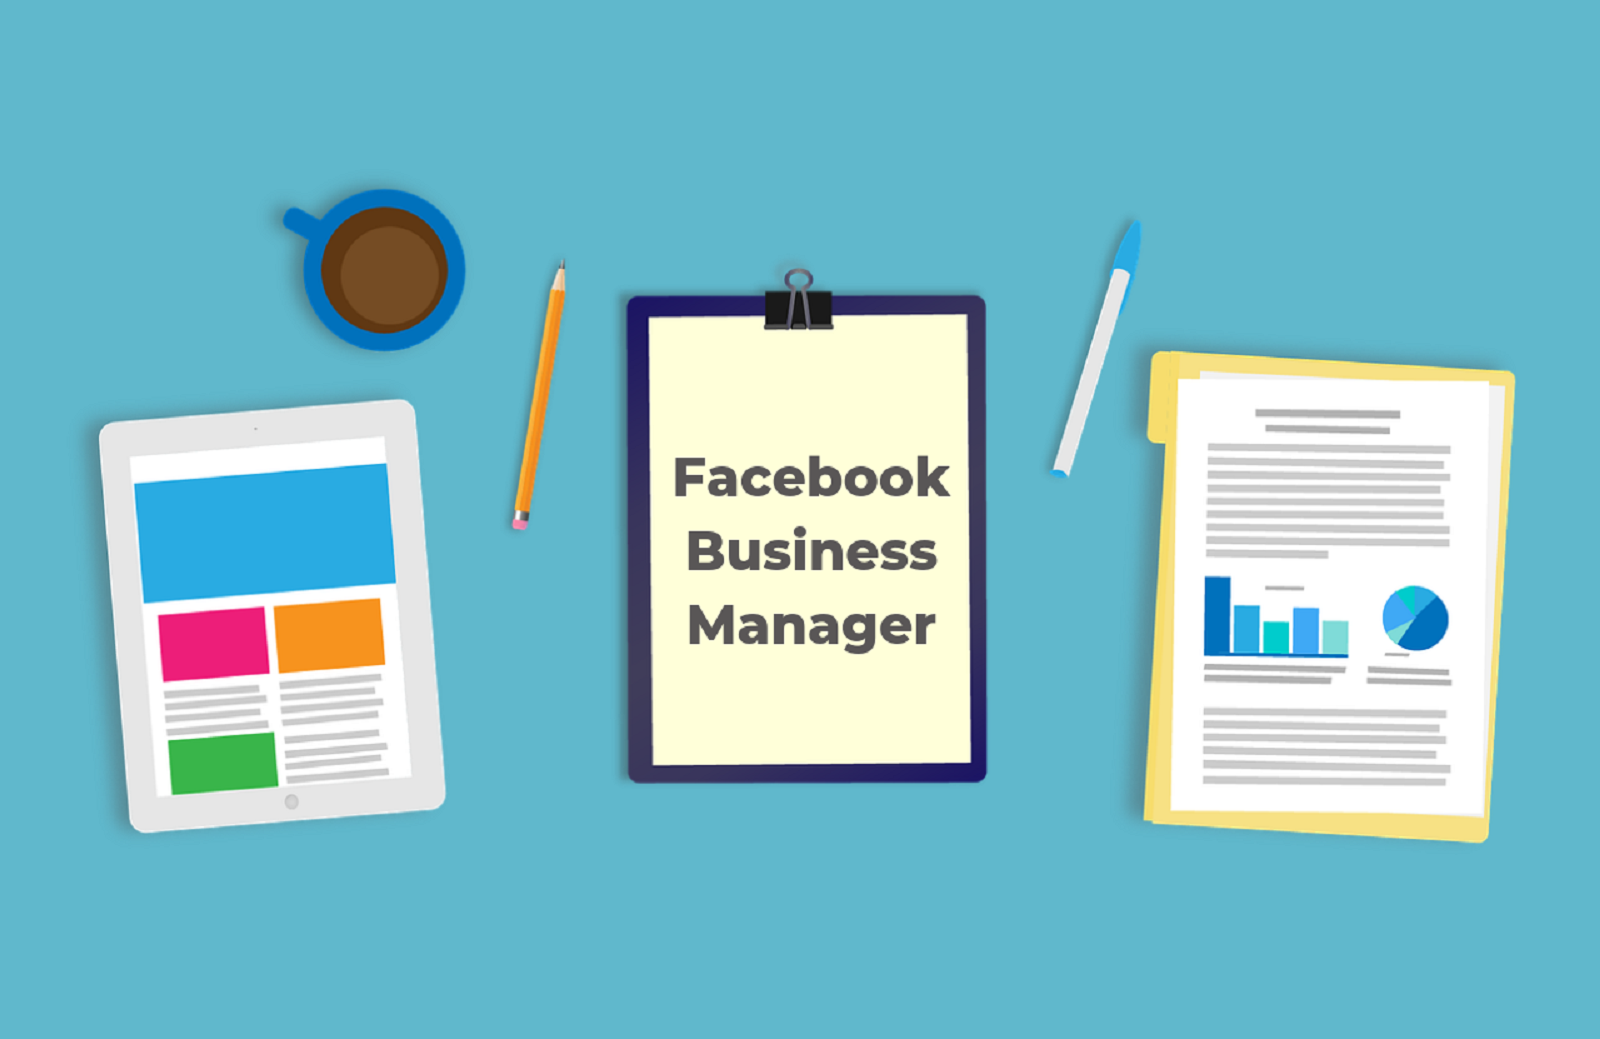 Facebook Business Manager – jak założyć konto i skonfigurować narzędzie?